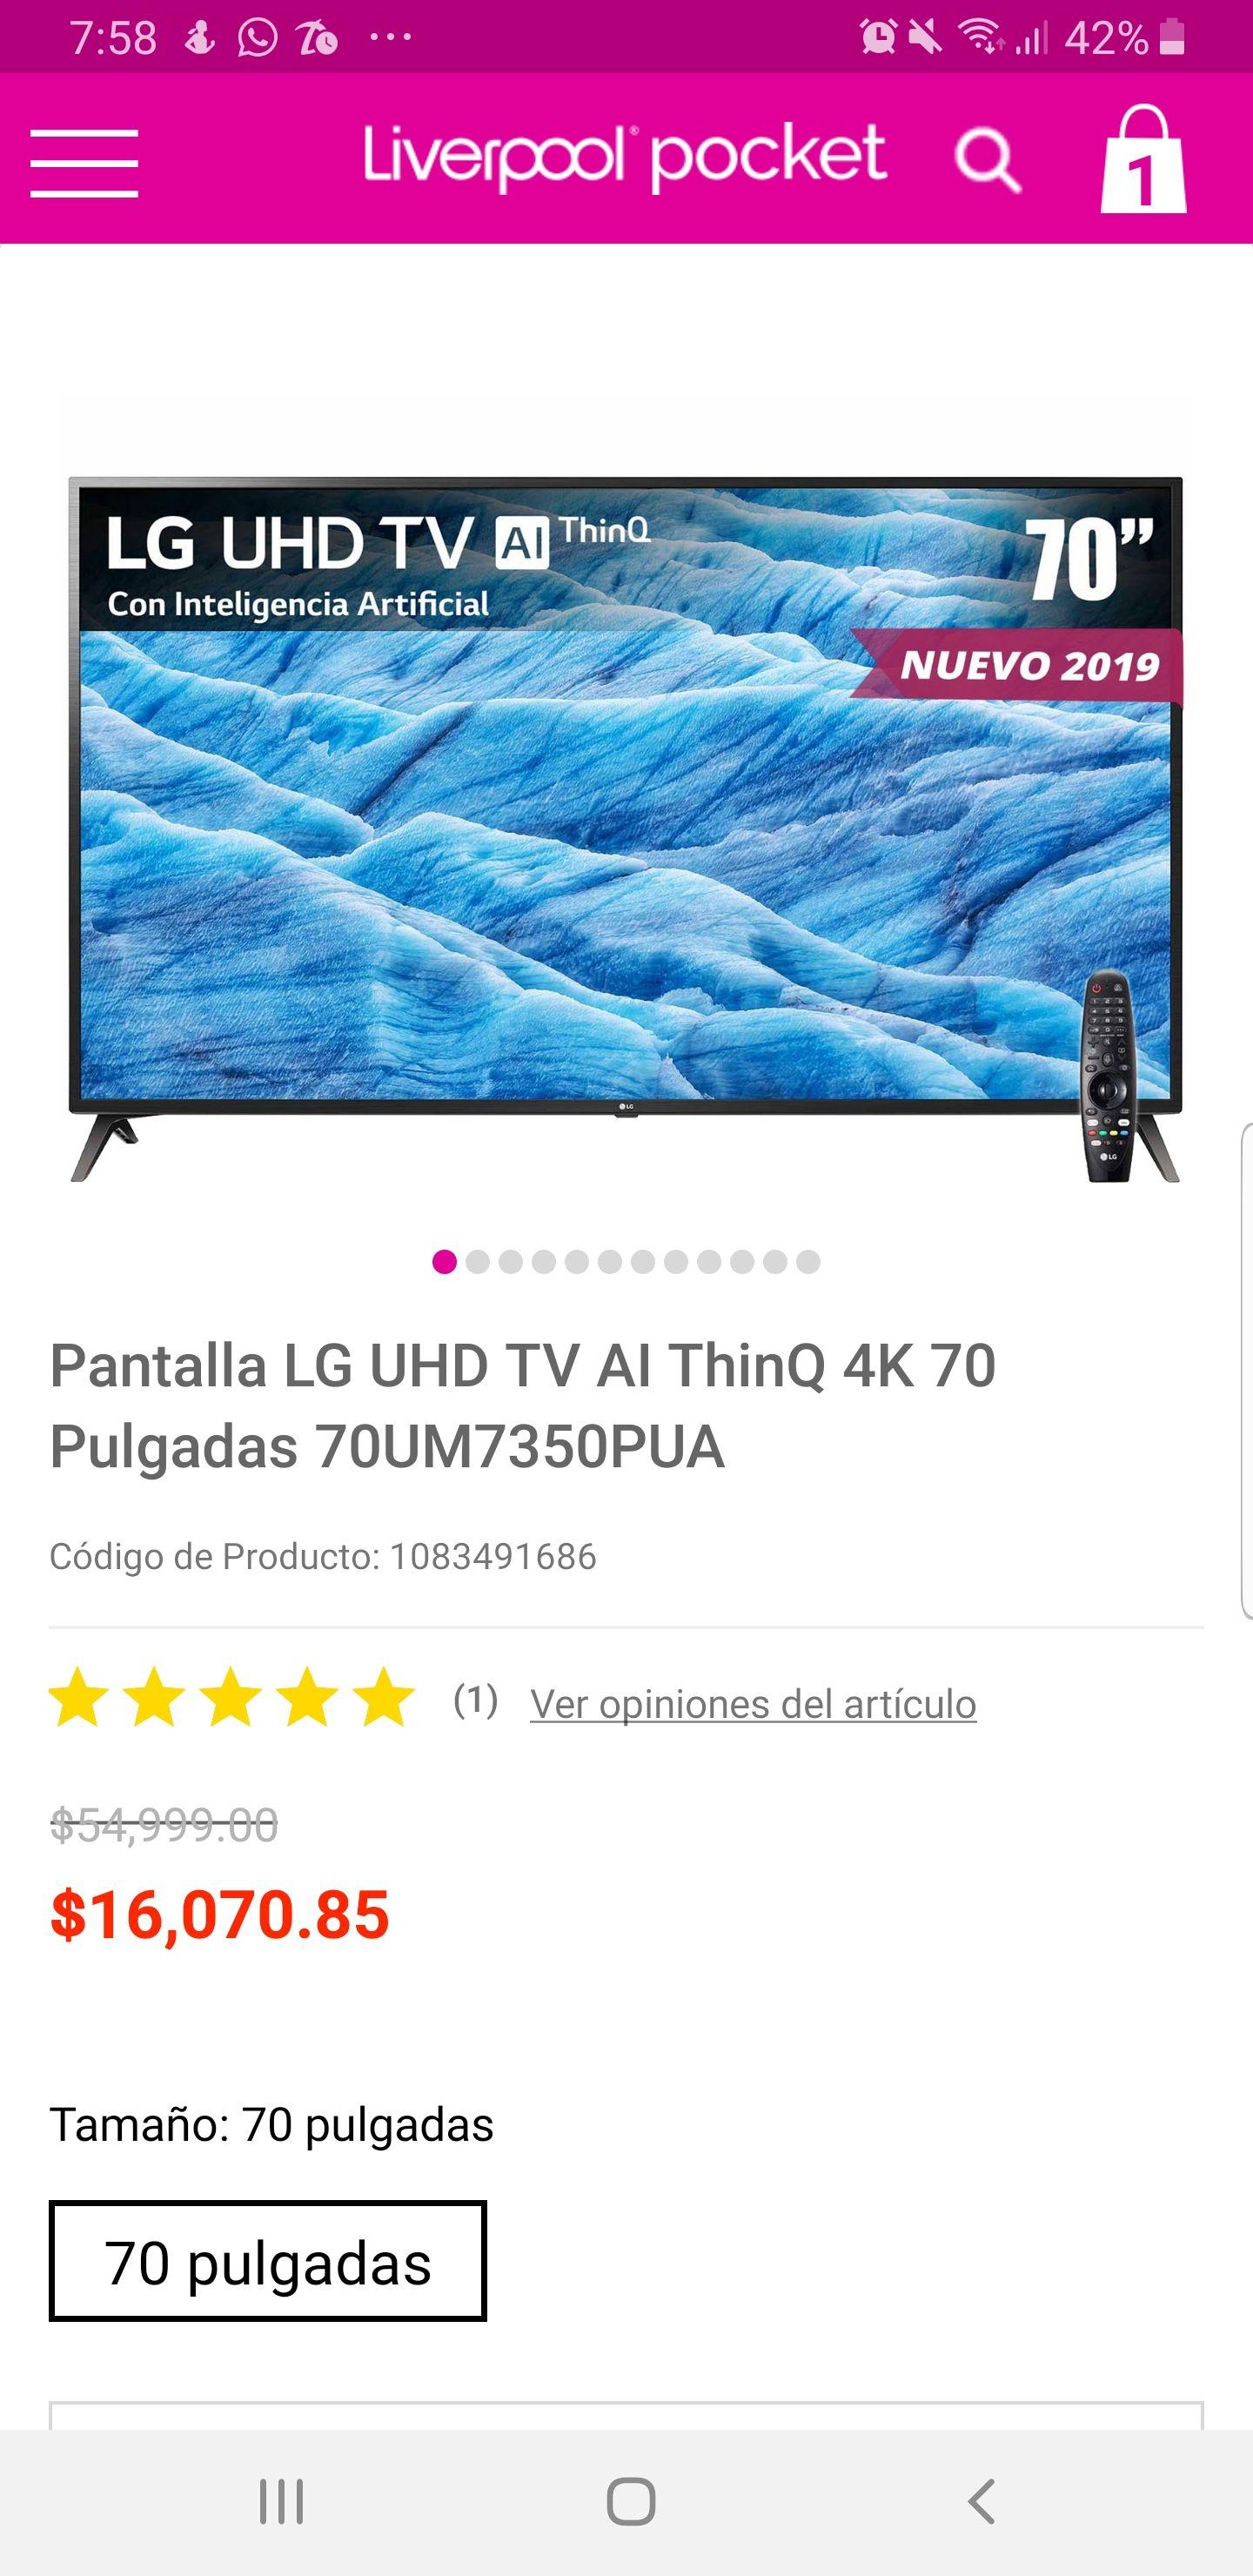 Liverpool: TV LG UHD 70 pulgadas con promoción CitiBanamex